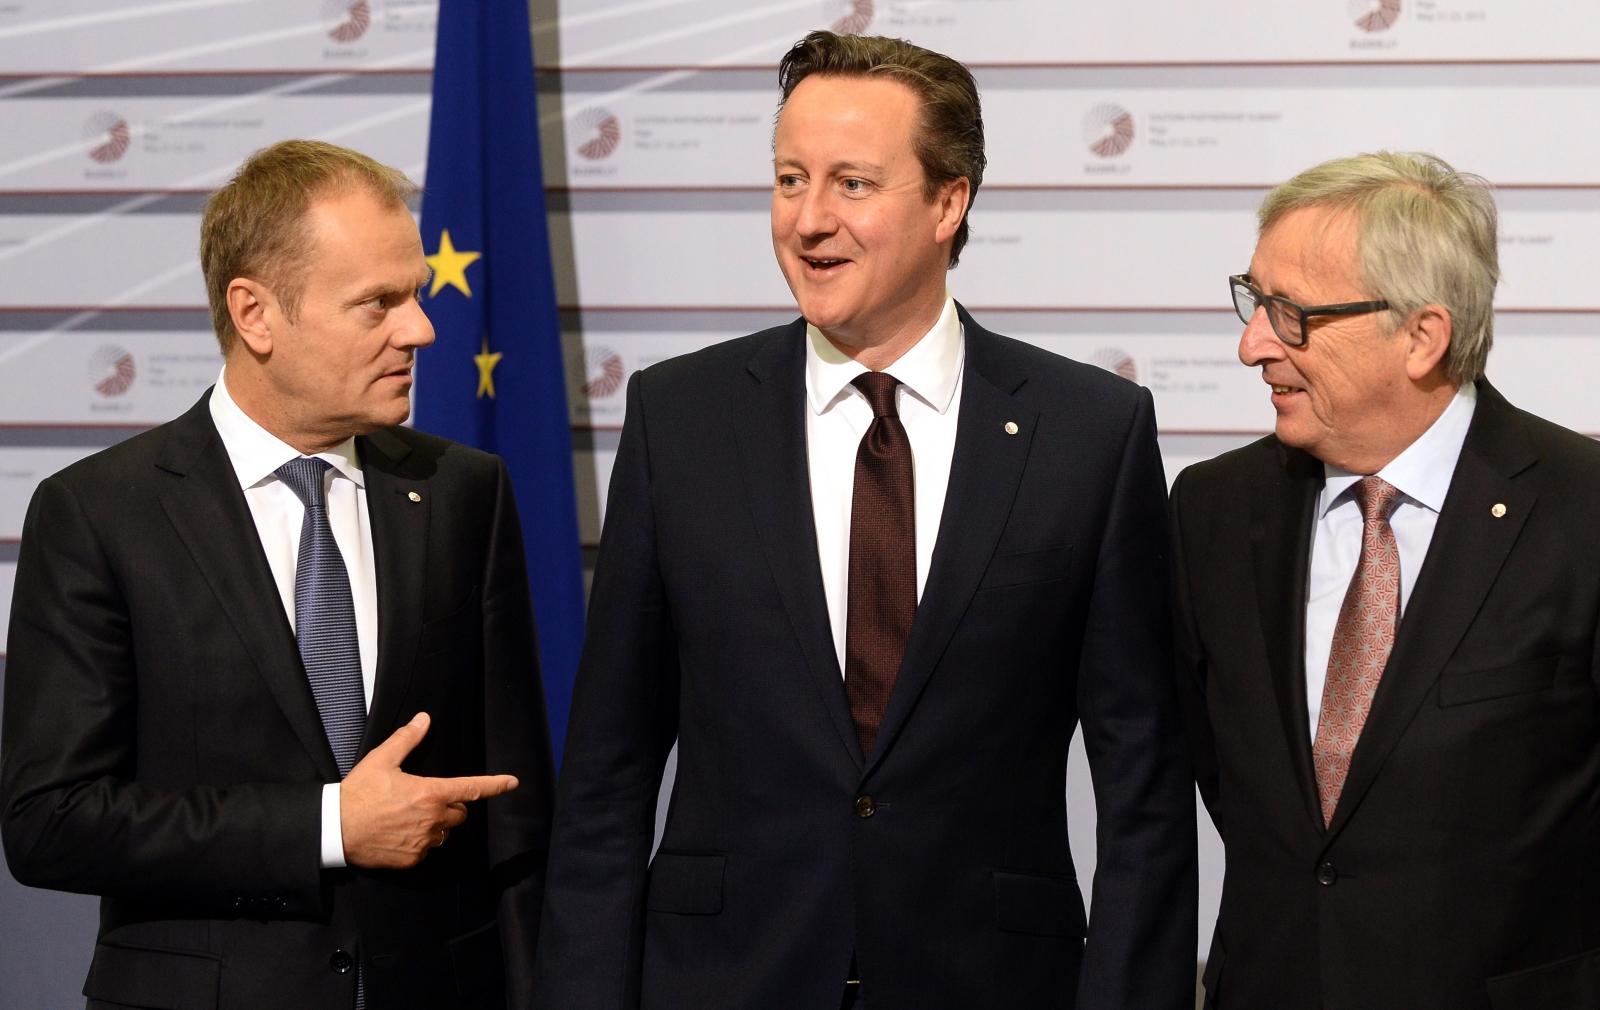 David Cameron in Europe